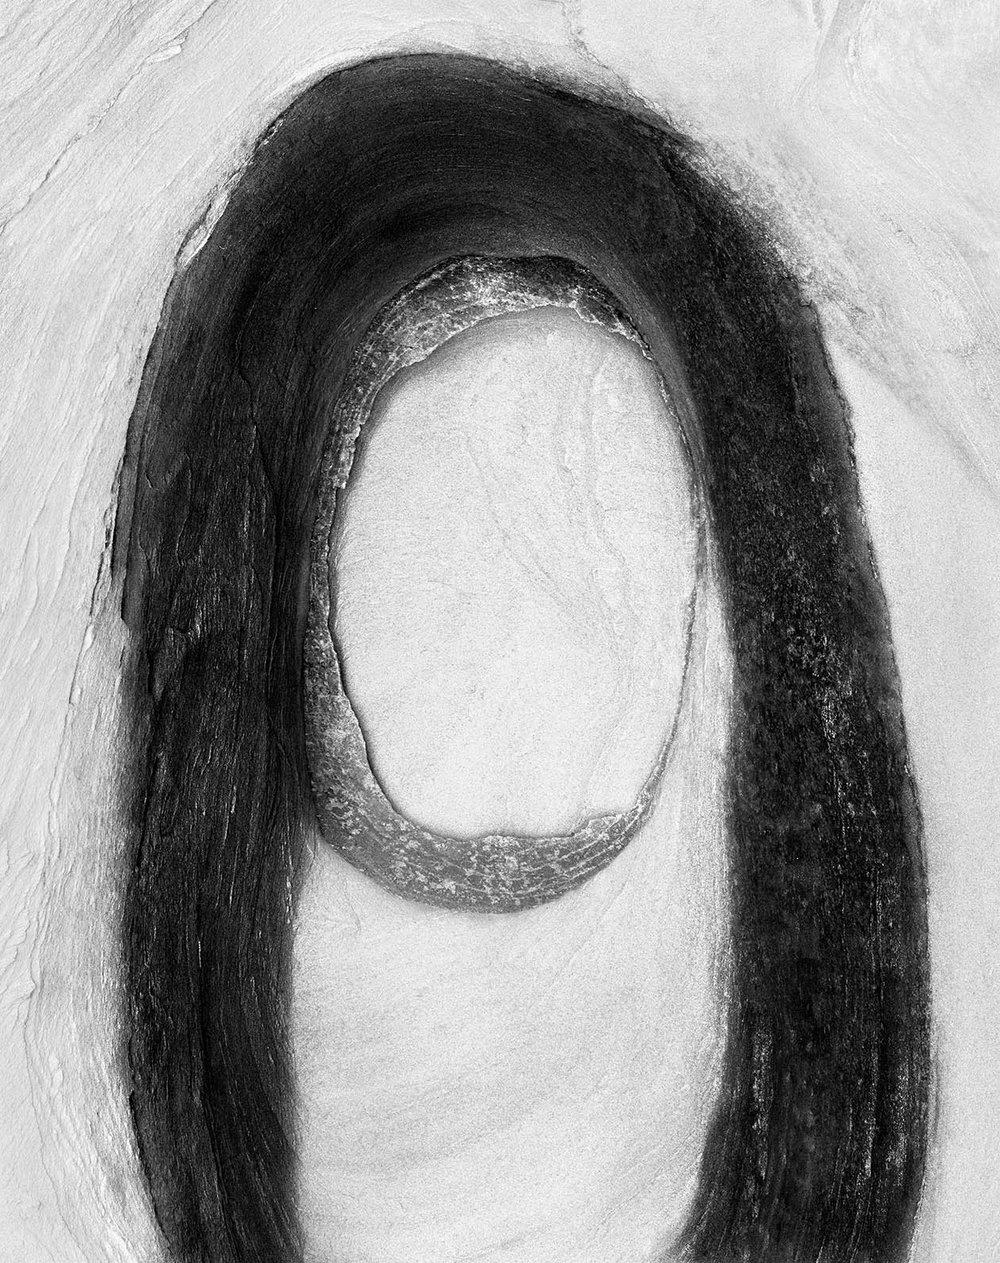 Christopher Houghton,2015, Elder ,110cm x 90cm.